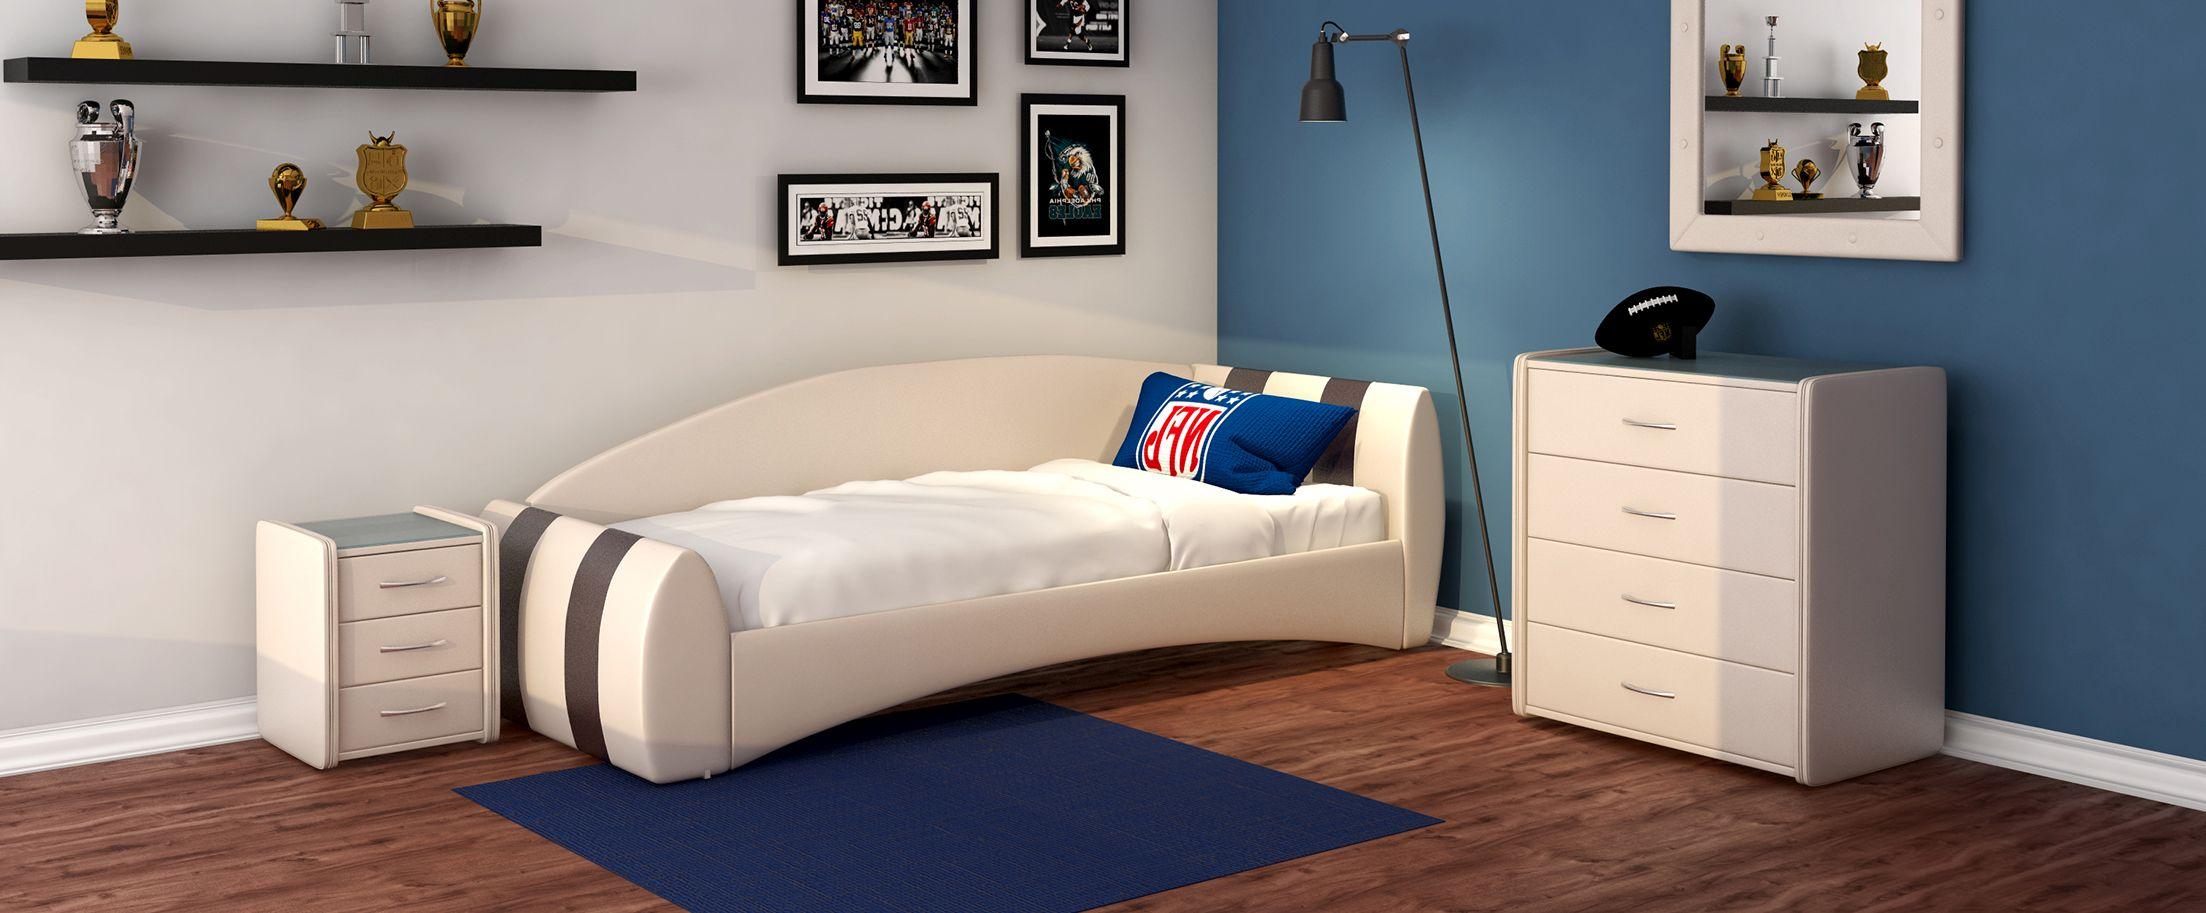 Кровать односпальная Кальвет (правая) Модель 386Односпальная модель с современным дизайном отлично впишется в интерьер подростковой комнаты. Расположение спинки возможно как левое, так и правое.<br><br>Ширина см: 99<br>Глубина см: 250<br>Высота см: 81<br>Ширина спального места см: 90<br>Глубина спального места см: 190<br>Встроенное основание: Есть<br>Материал каркаса: ДСП<br>Материал обивки: Экокожа<br>Подъемный механизм: Нет<br>Цвет: Бежевый, Коричневый<br>Код ткани: Суфле, Пралине